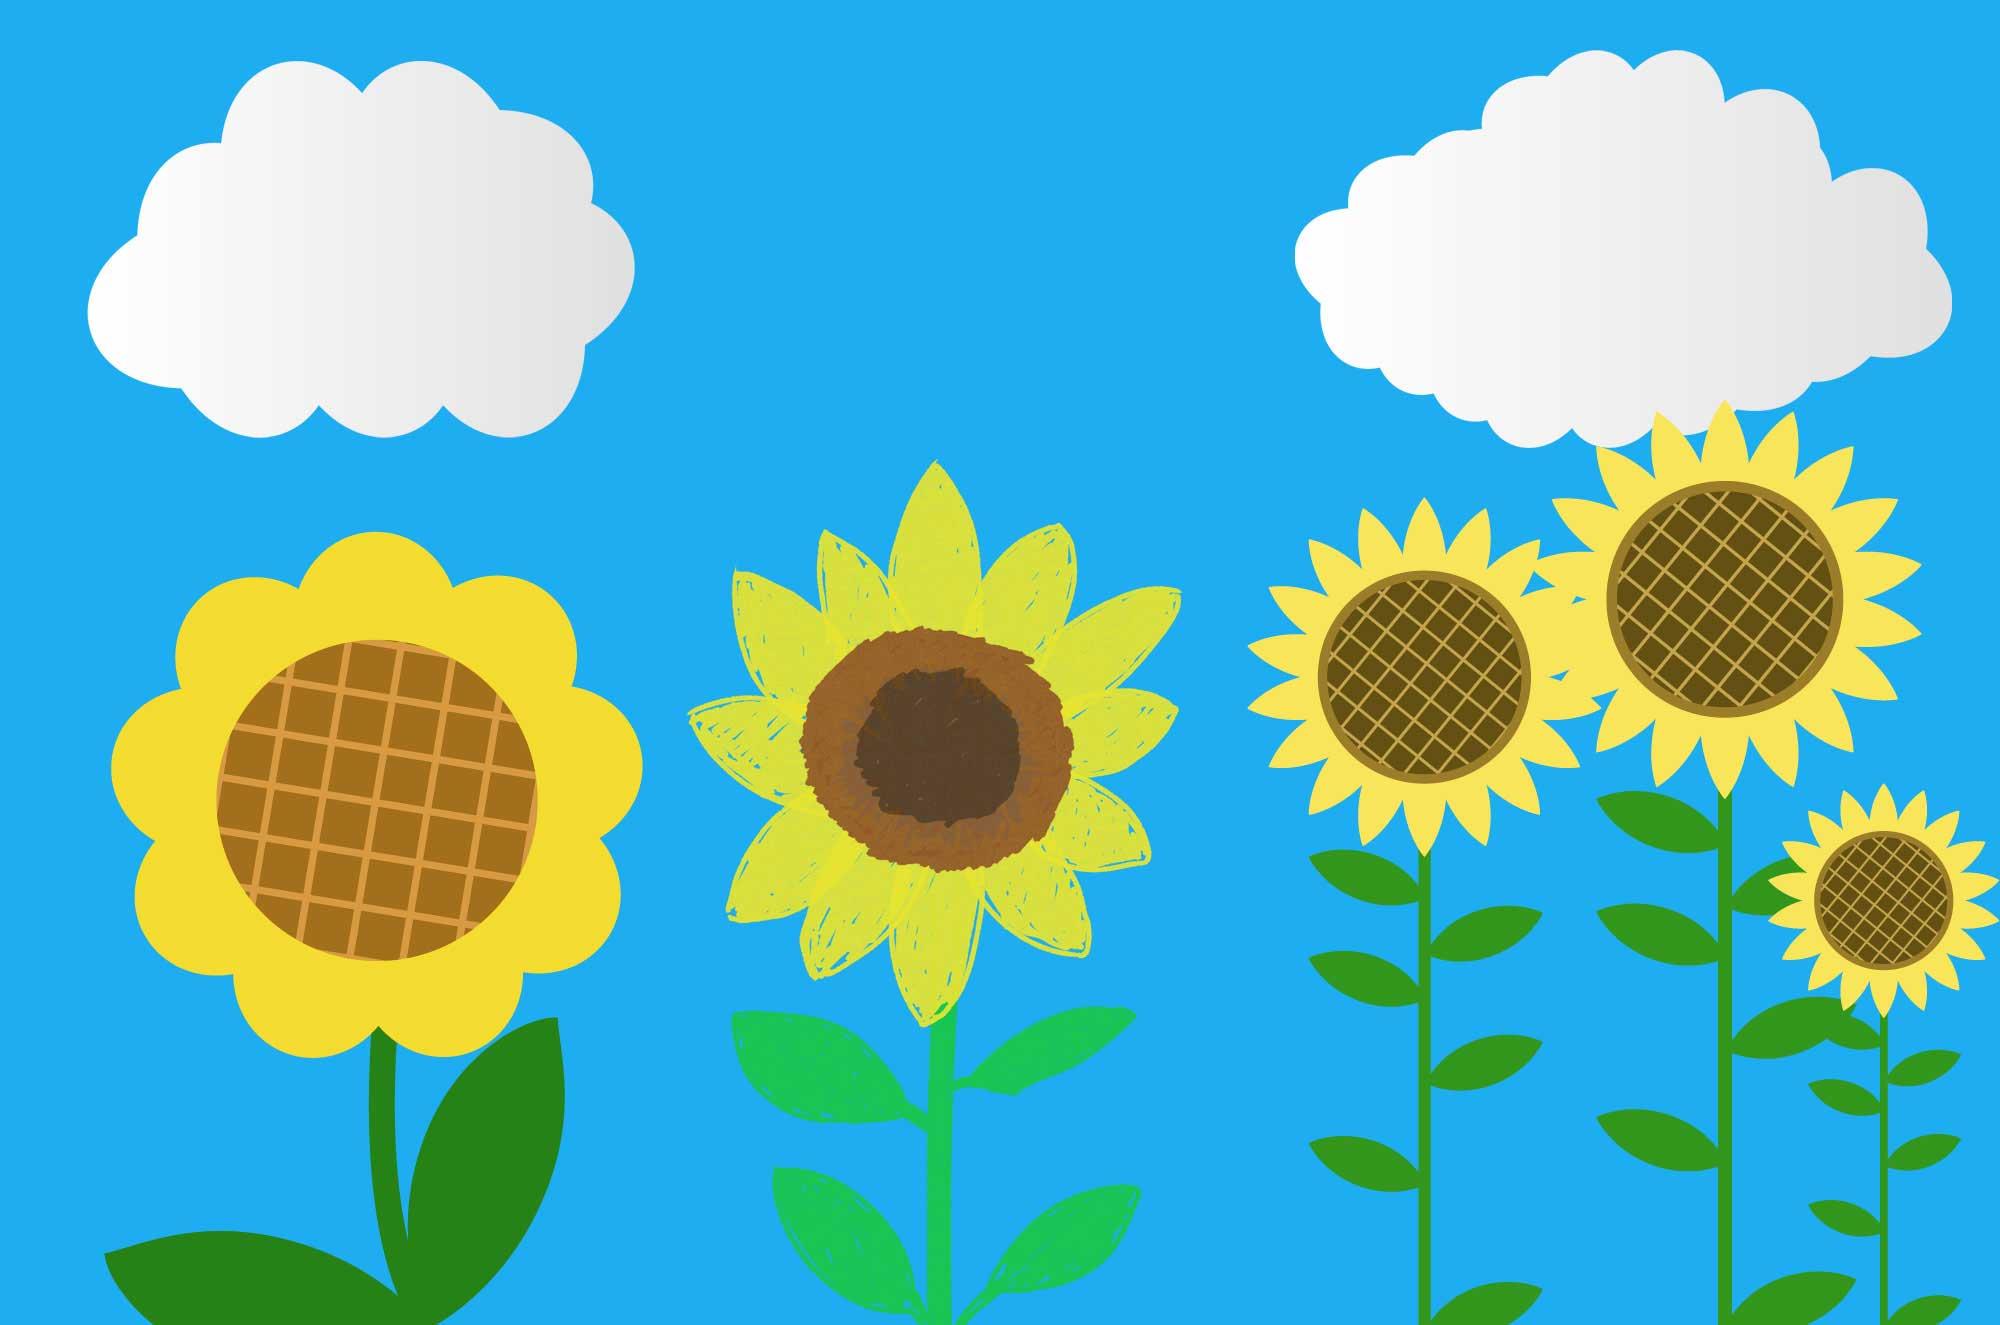 ひまわりイラスト - フリーで使える可愛い向日葵素材